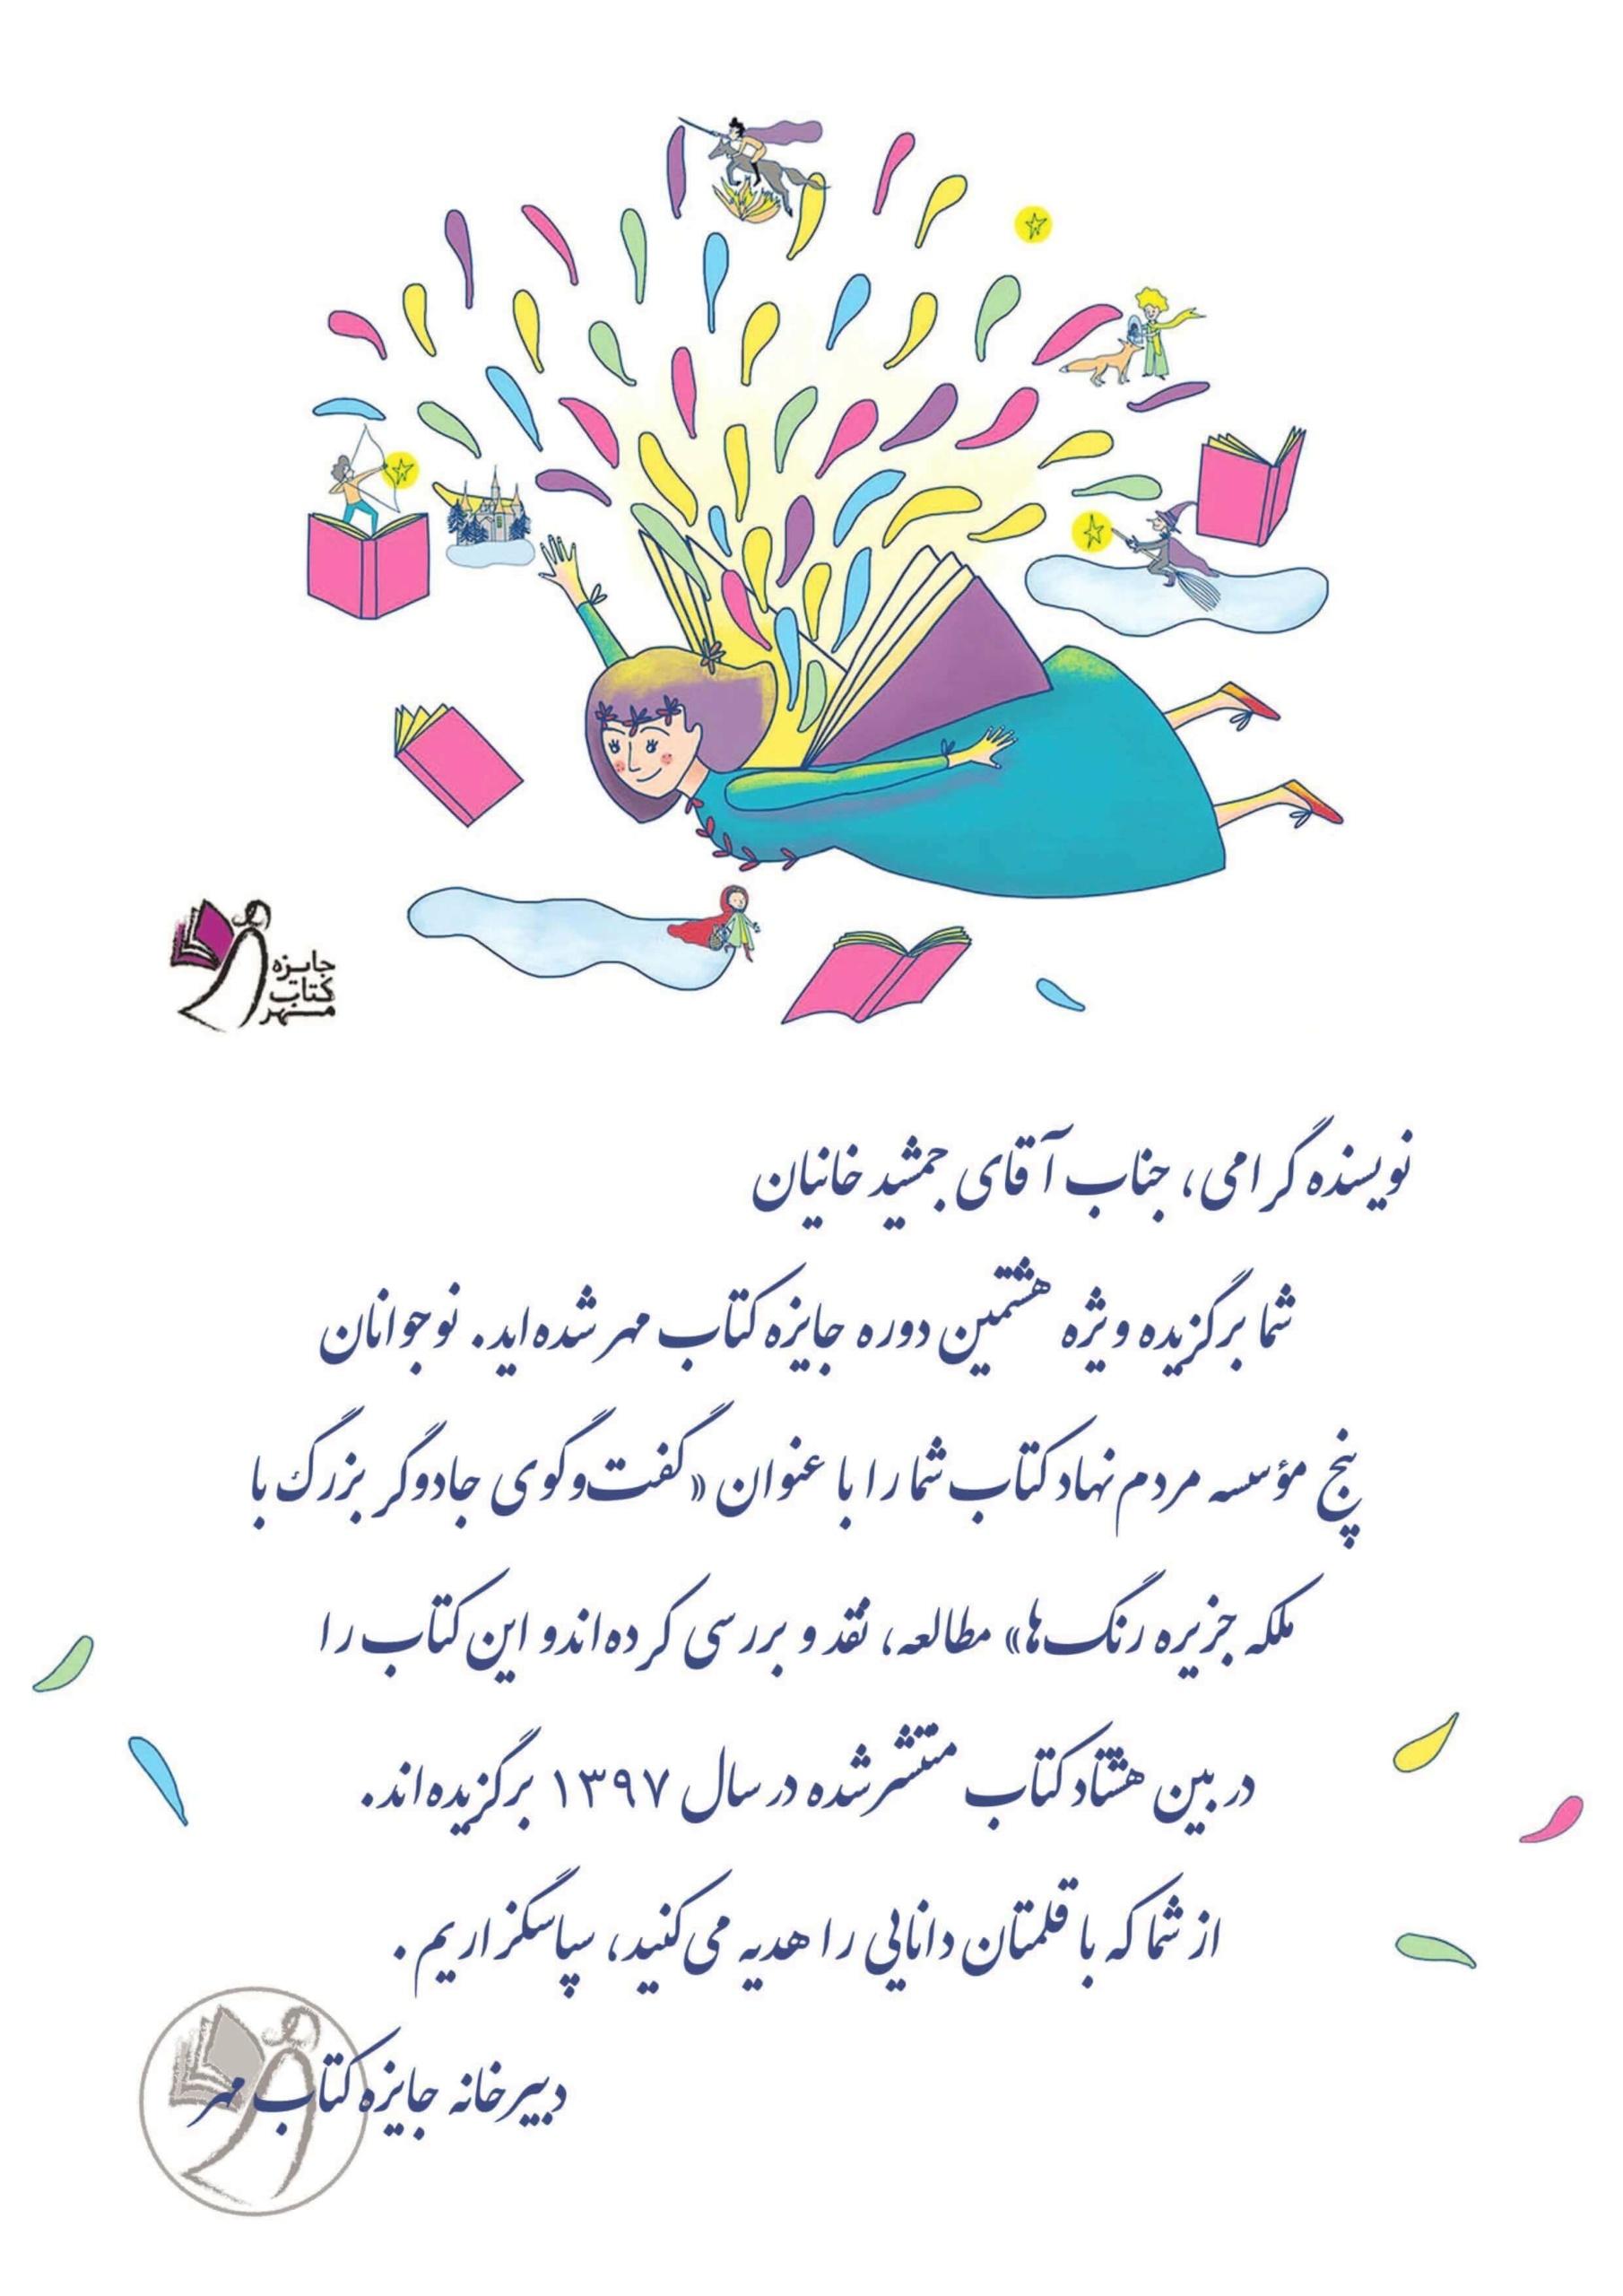 برندگان هشتمین دوره جایزه کتاب مهر - جمشید خانیان - گفت و گوی جادوگر بزرگ با ملکه جزیره رنگ ها - نشر افق